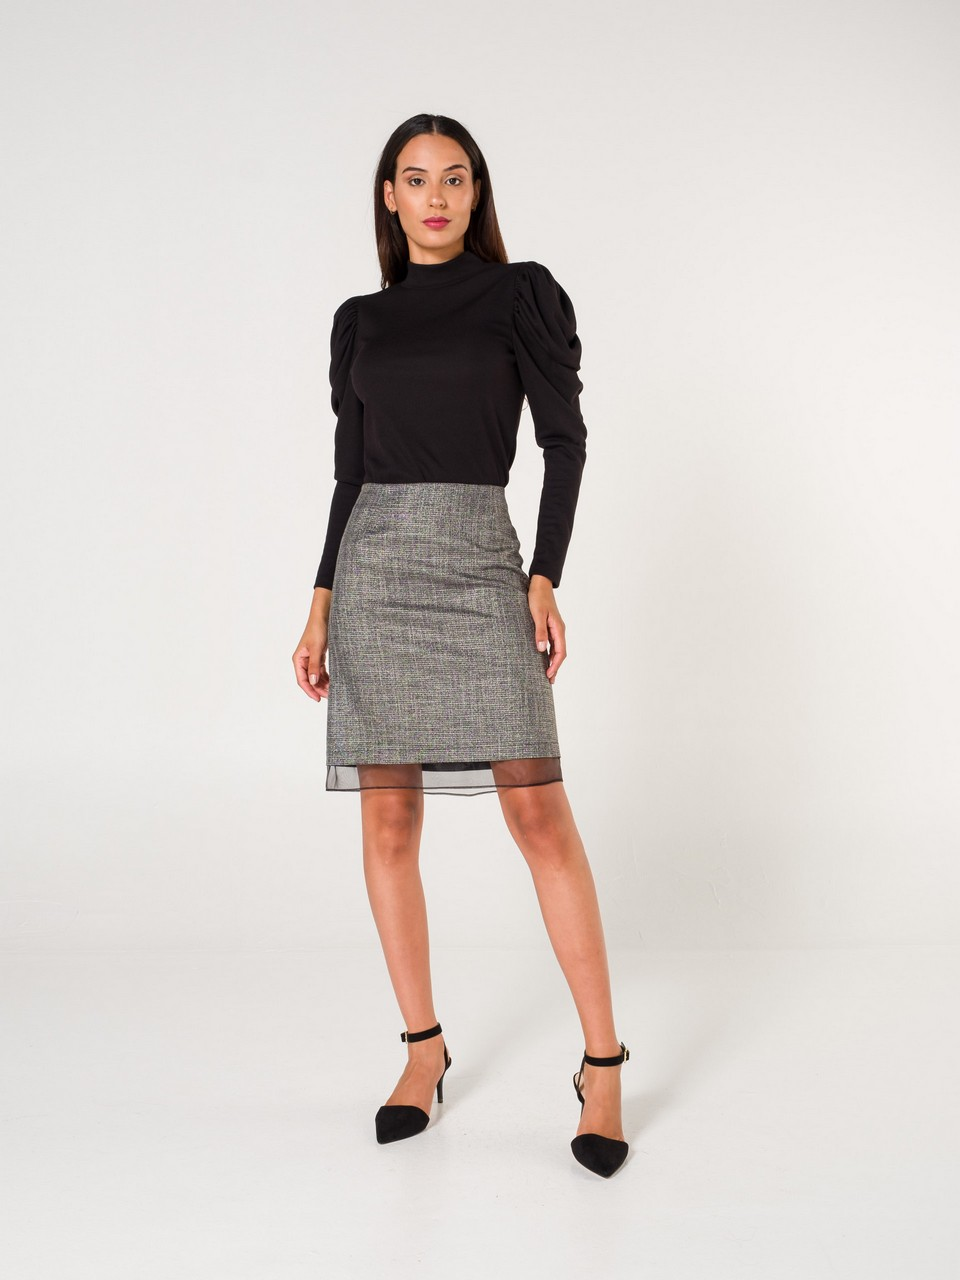 Organza Detailed Skirt With Lurex